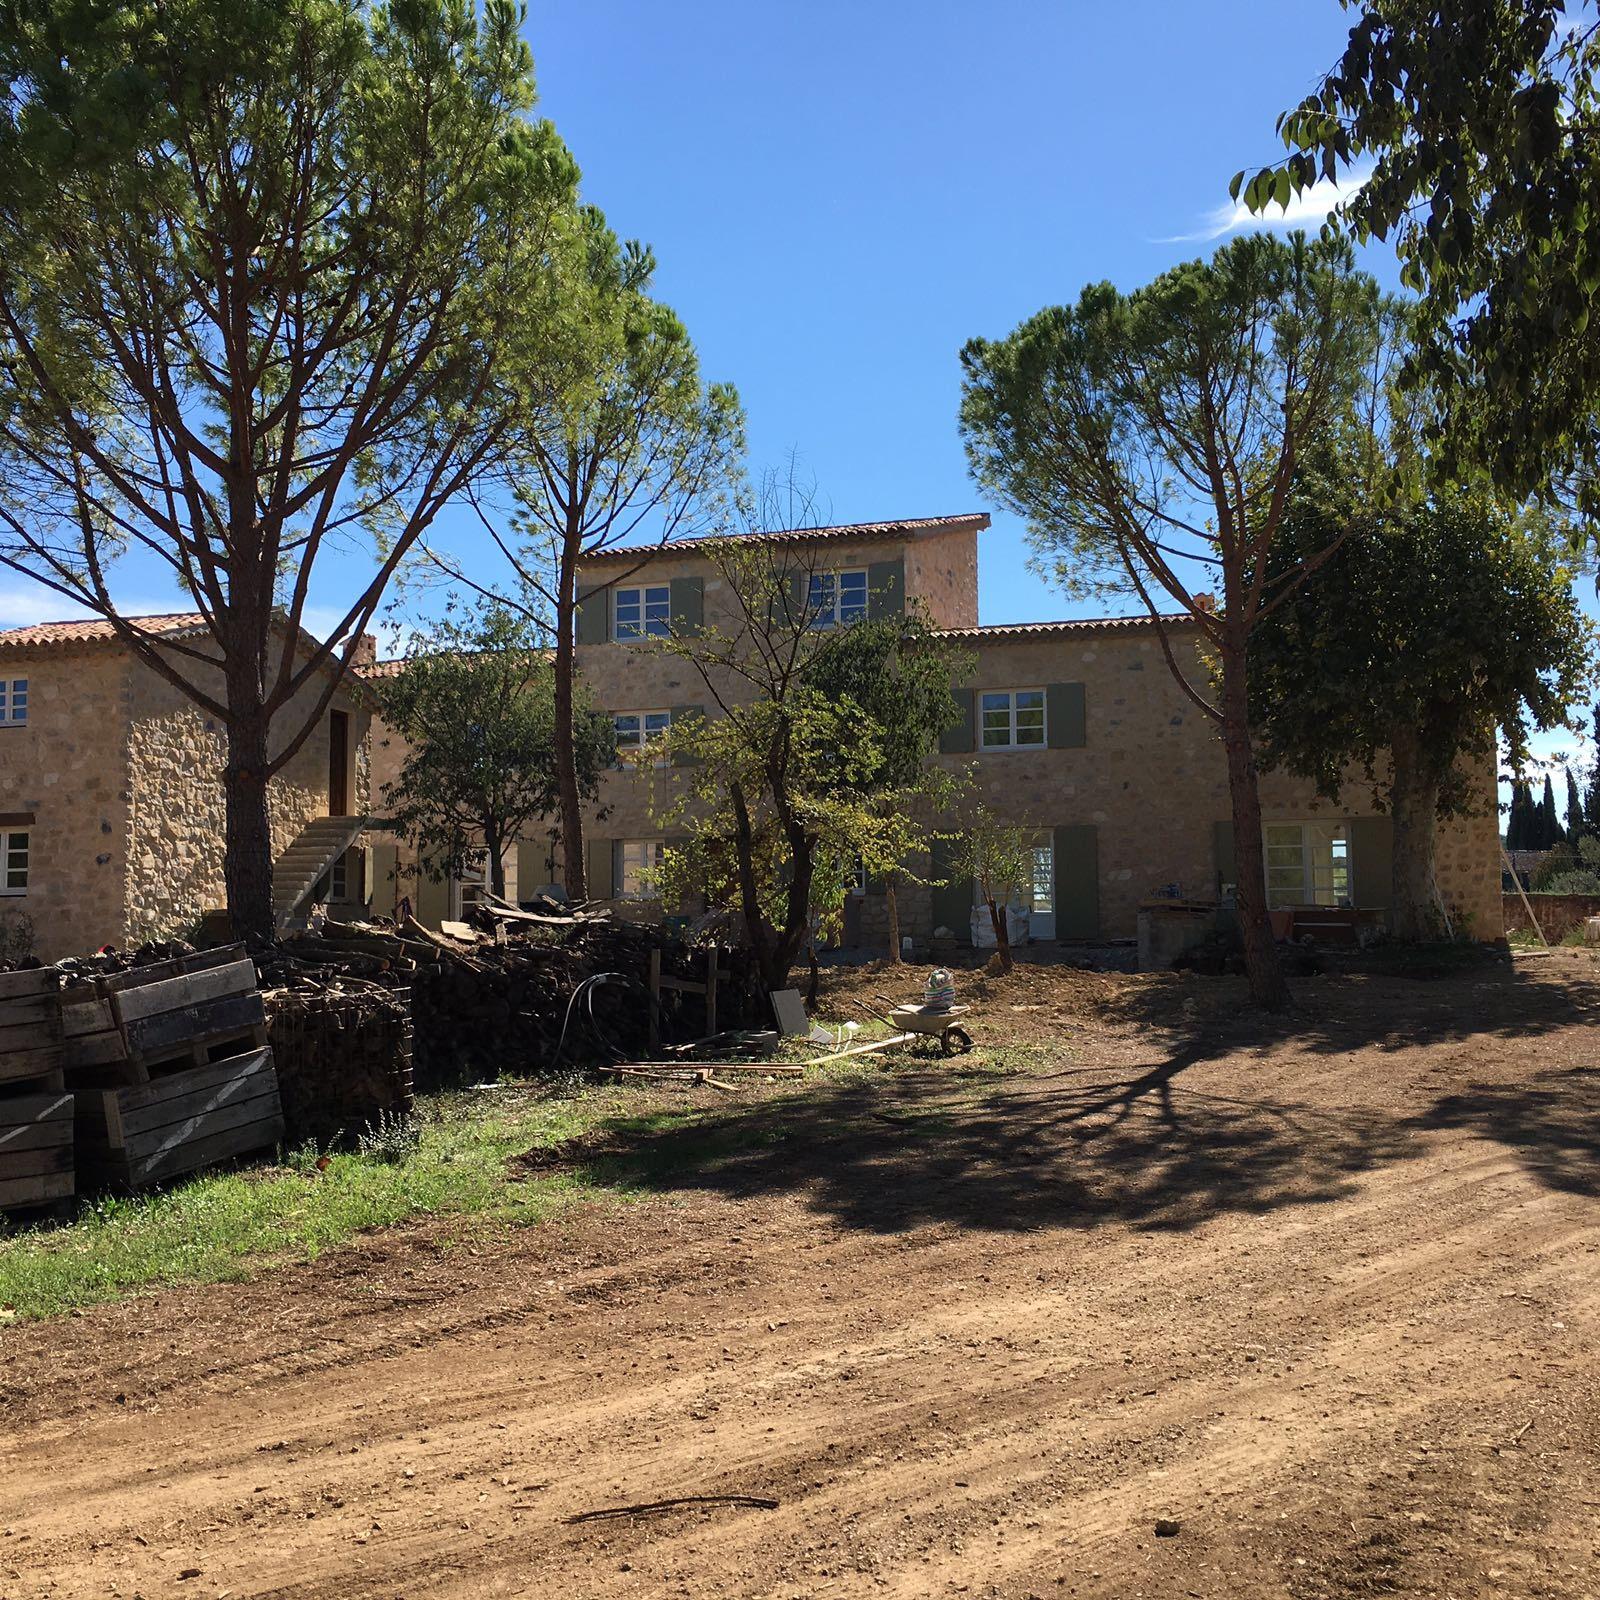 DOMAINE DE LA CHAPELLE - LORGUES - Rénovation d'une ancienne bastide - Construction d'une maison, d'un pool house et d'une piscine - 2015 - mai 2017